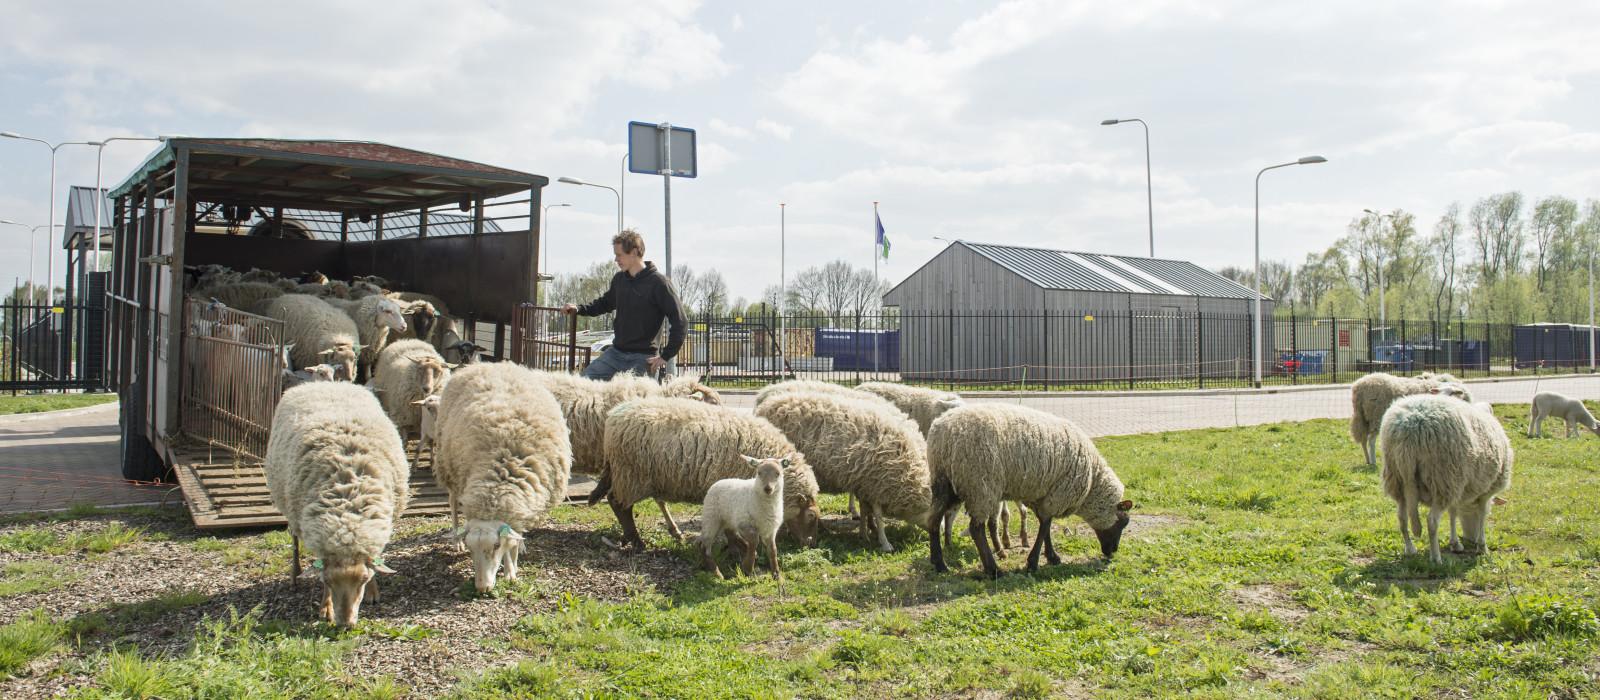 Seizoenswerk en schapen in BuitenRuimte in beeld